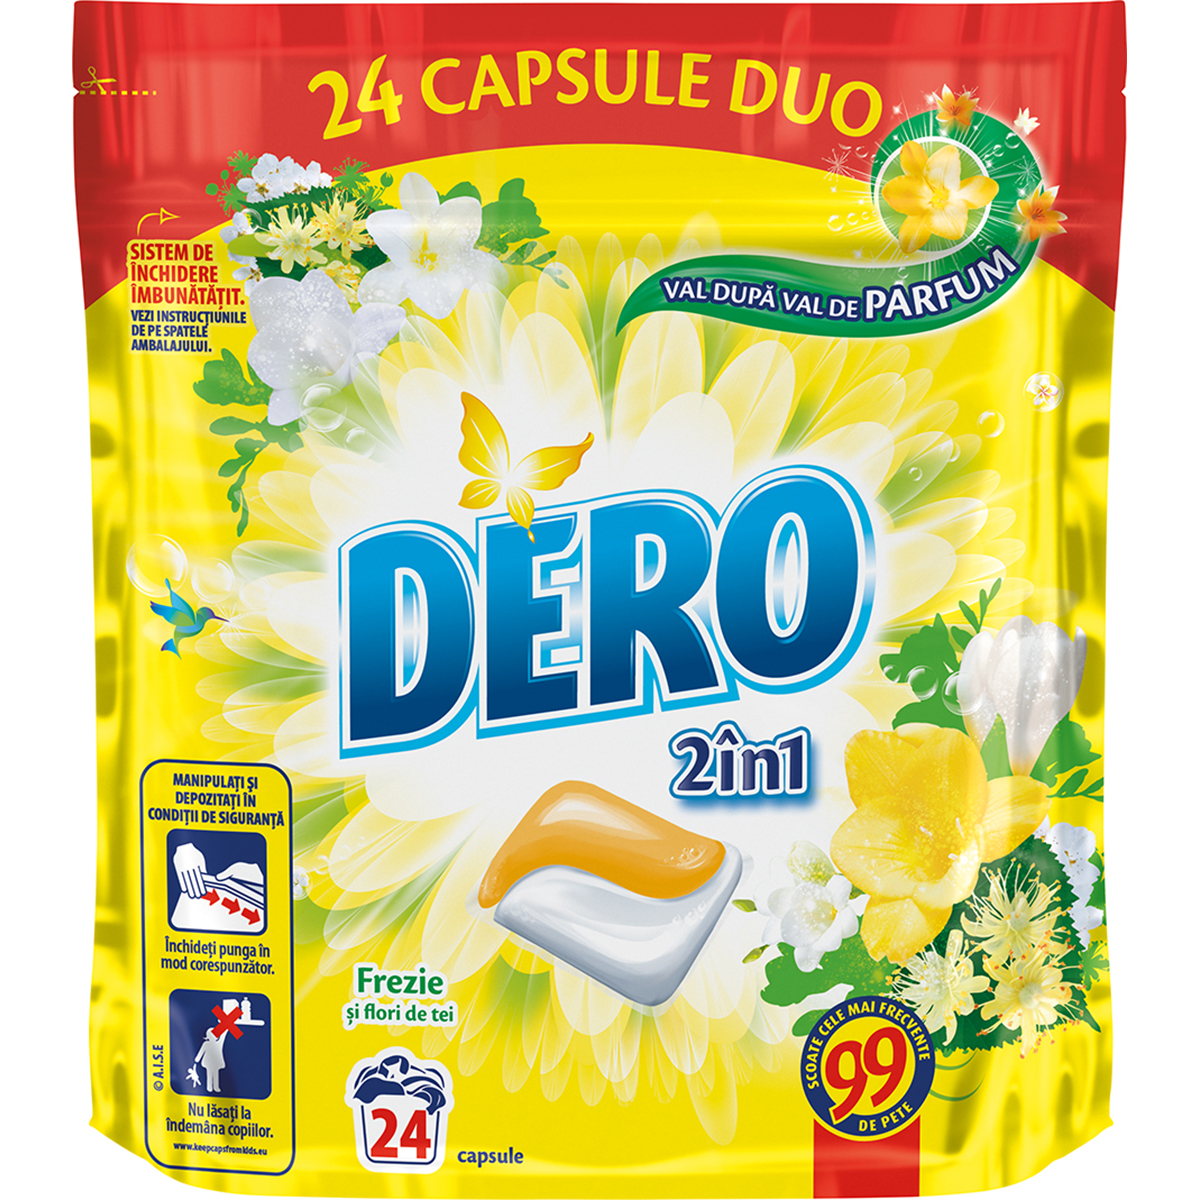 Detergent Duo Caps Frezie si flori de tei, 24 capsule imagine